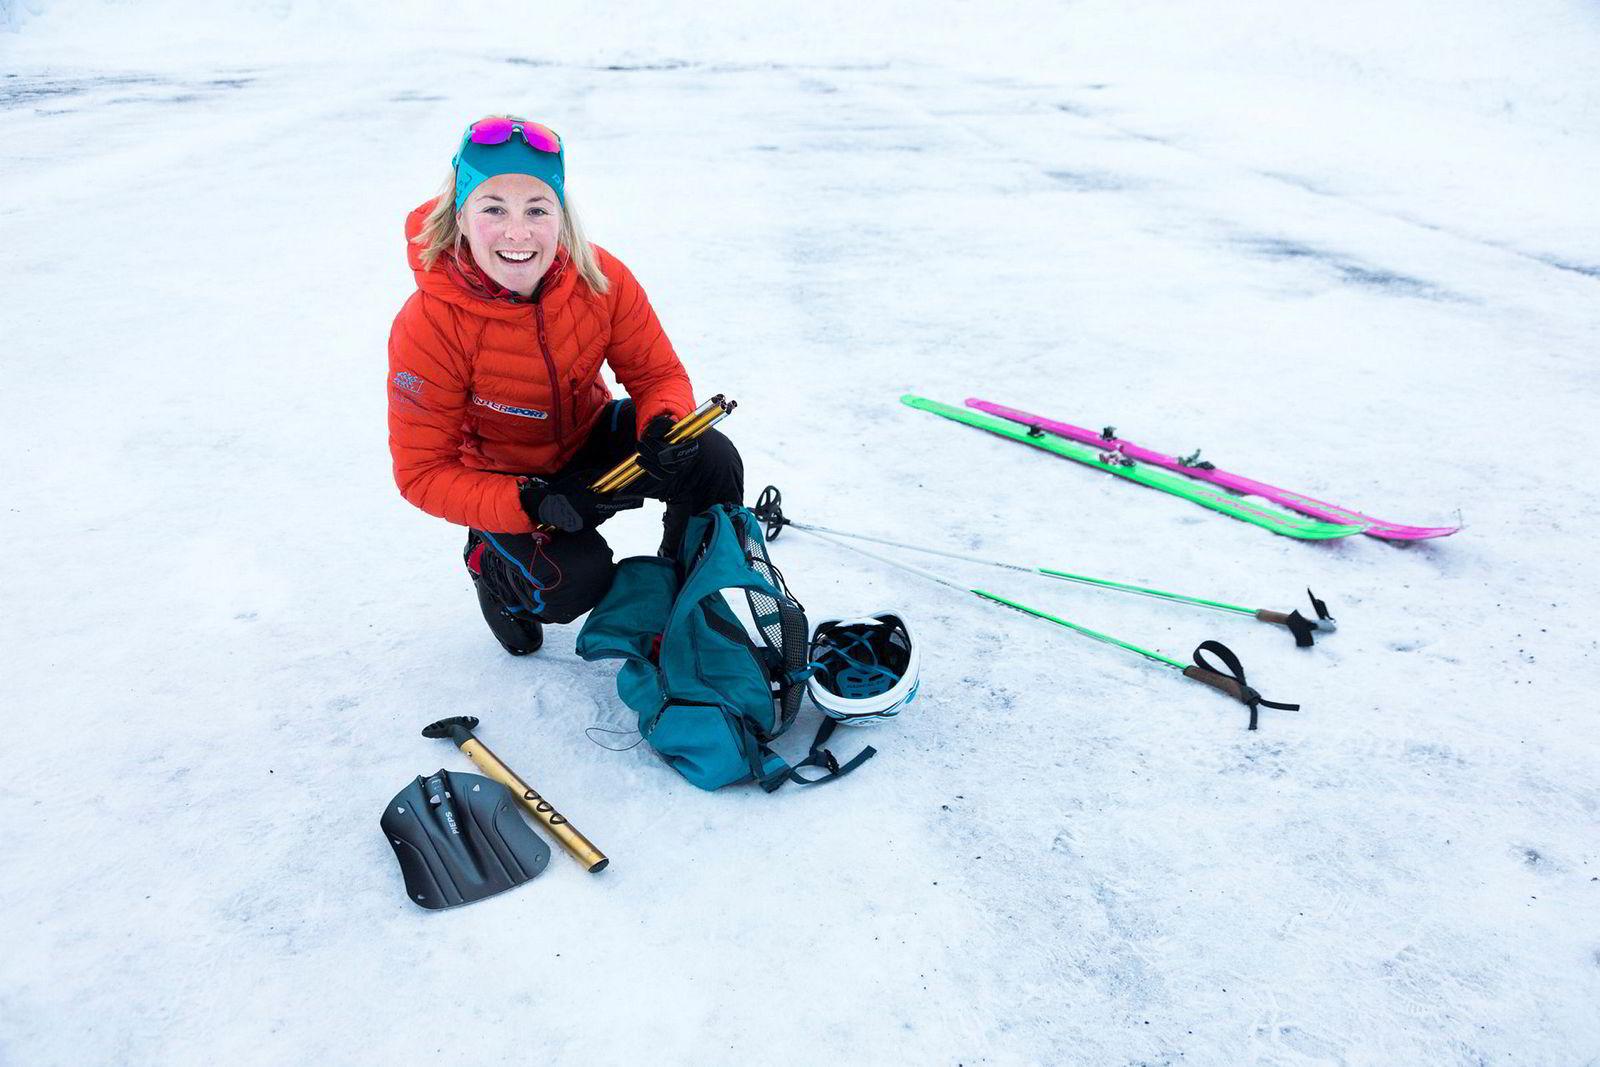 I sekken ligger som oftest ikke mer enn hjelm, lette klær, skredutstyr, spade og søkestang. Skiene veier ikke mer enn 690 gram.